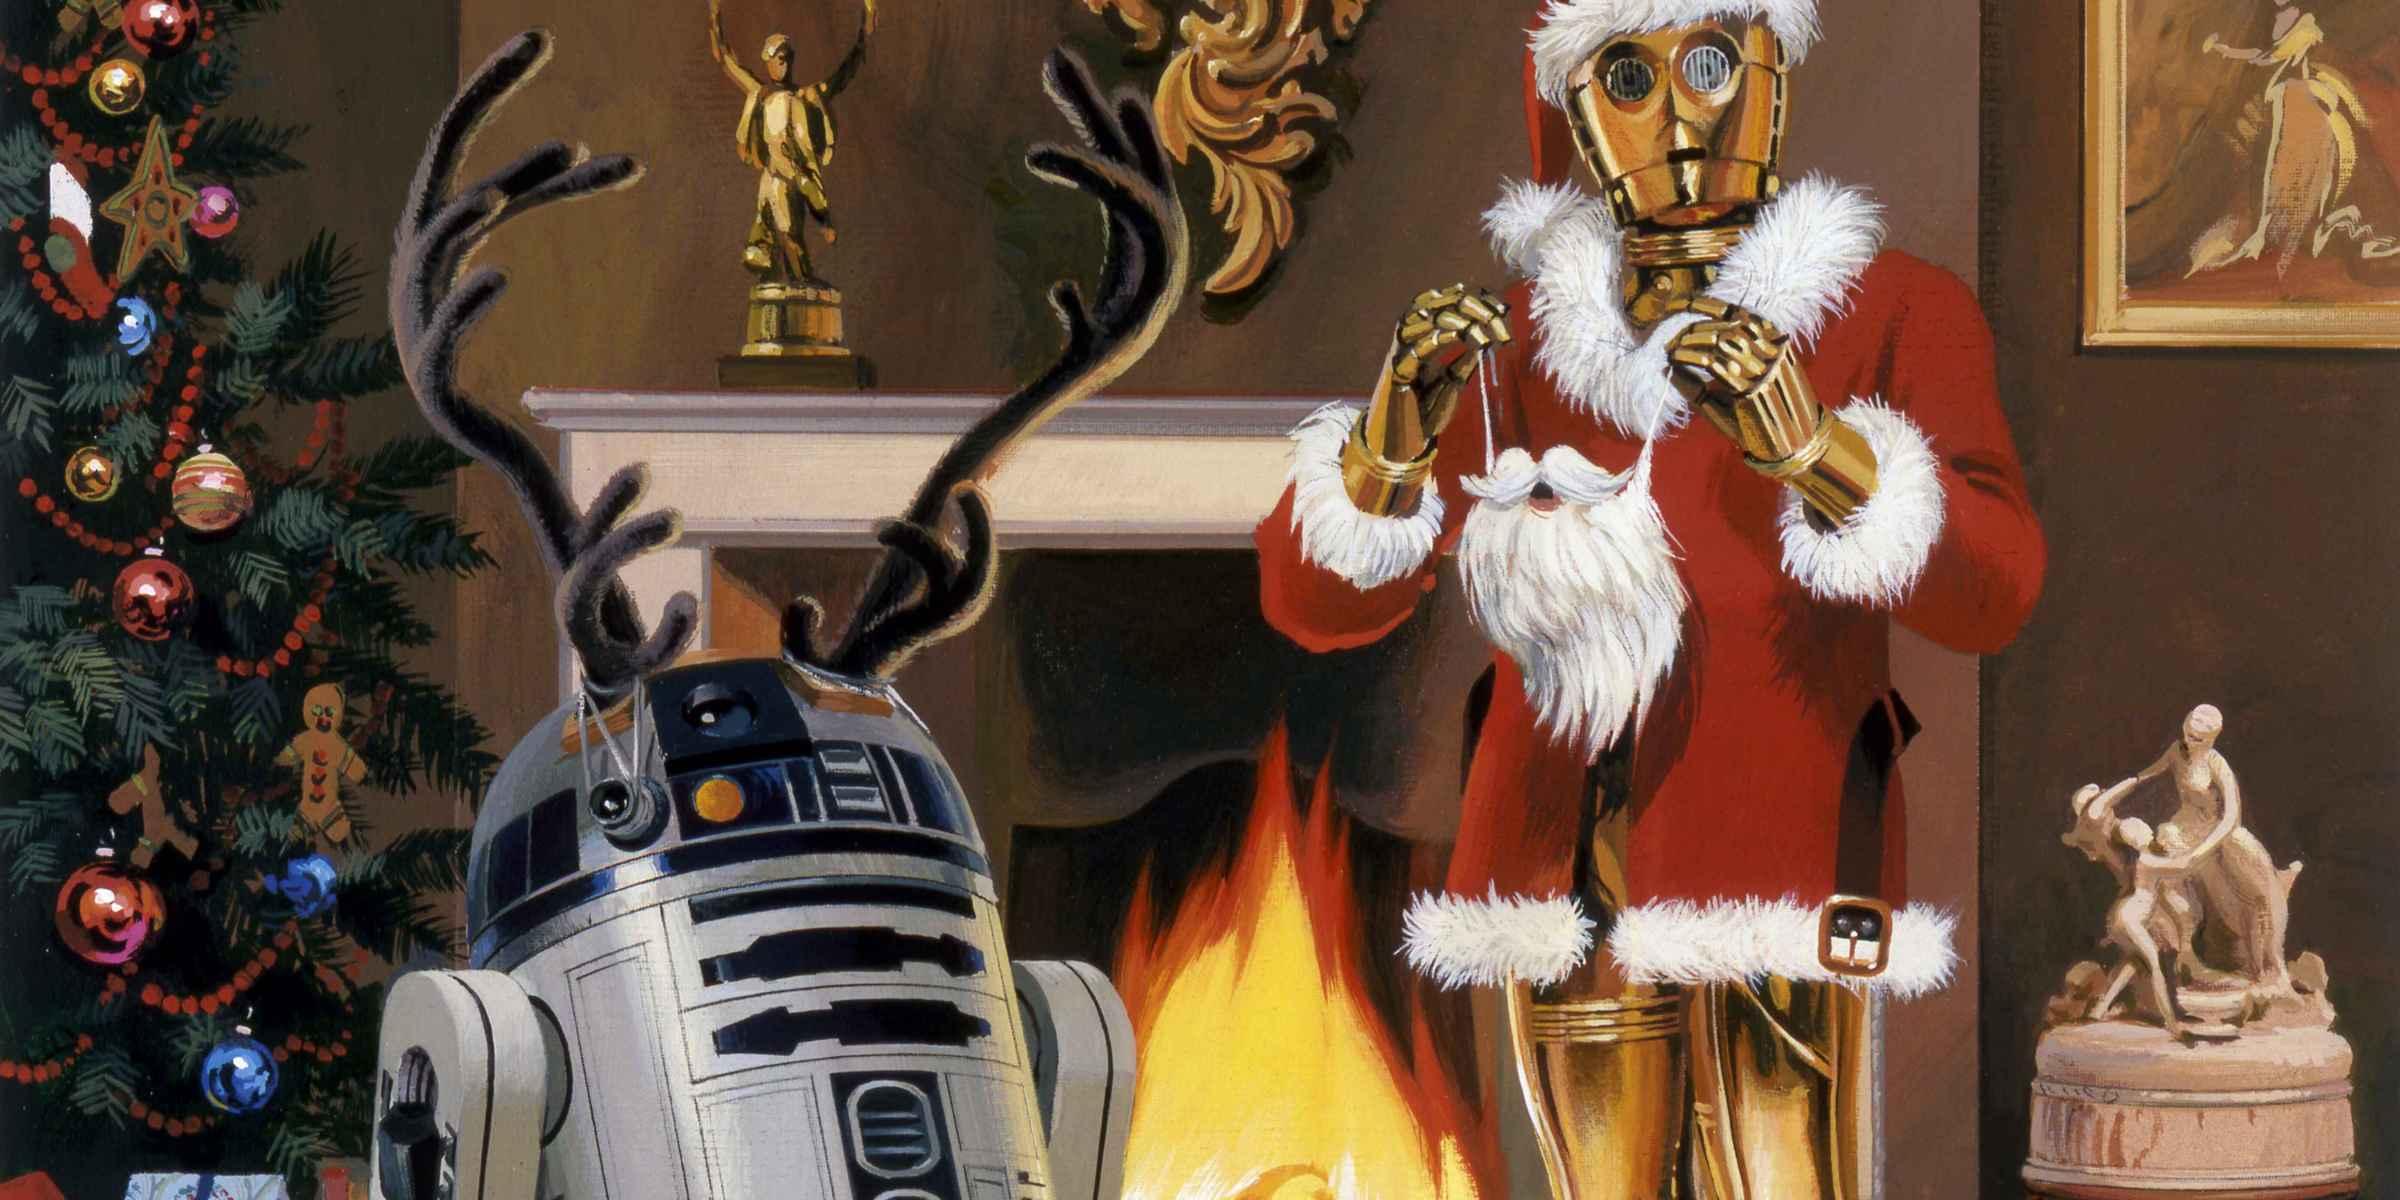 Droidokat a karácsonyfára!